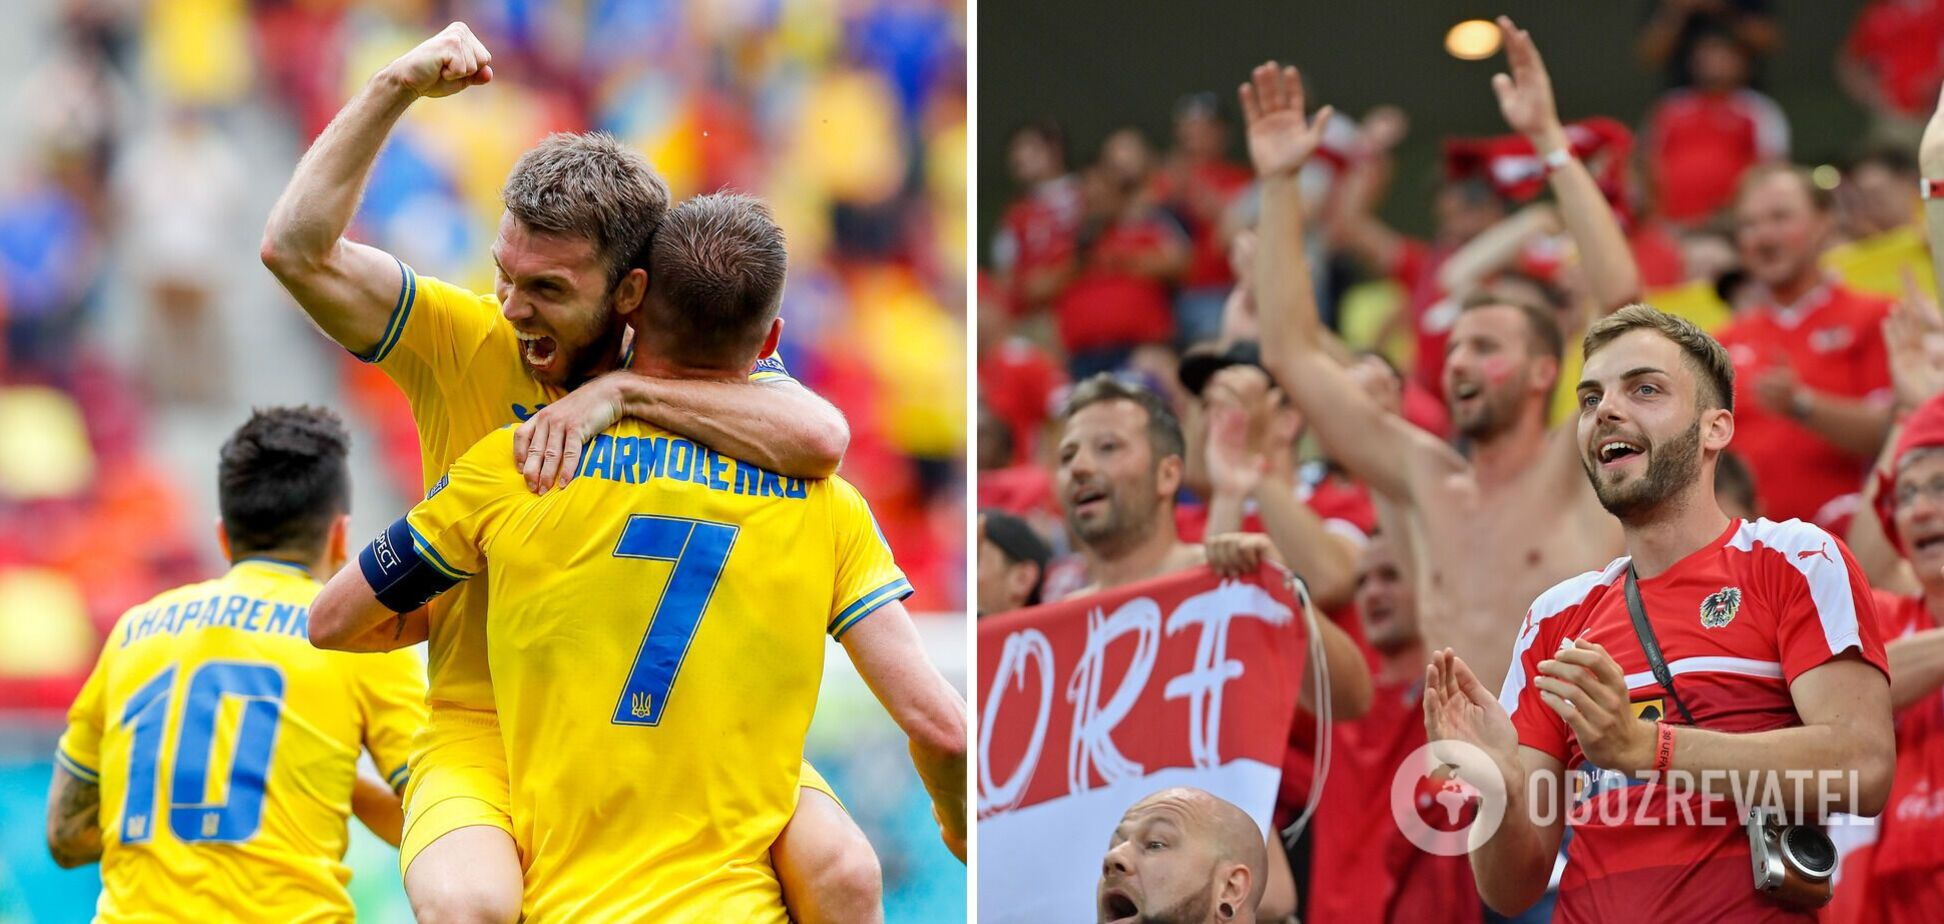 Фанати збірної Австрії обурилися через вихід України в плей-офф